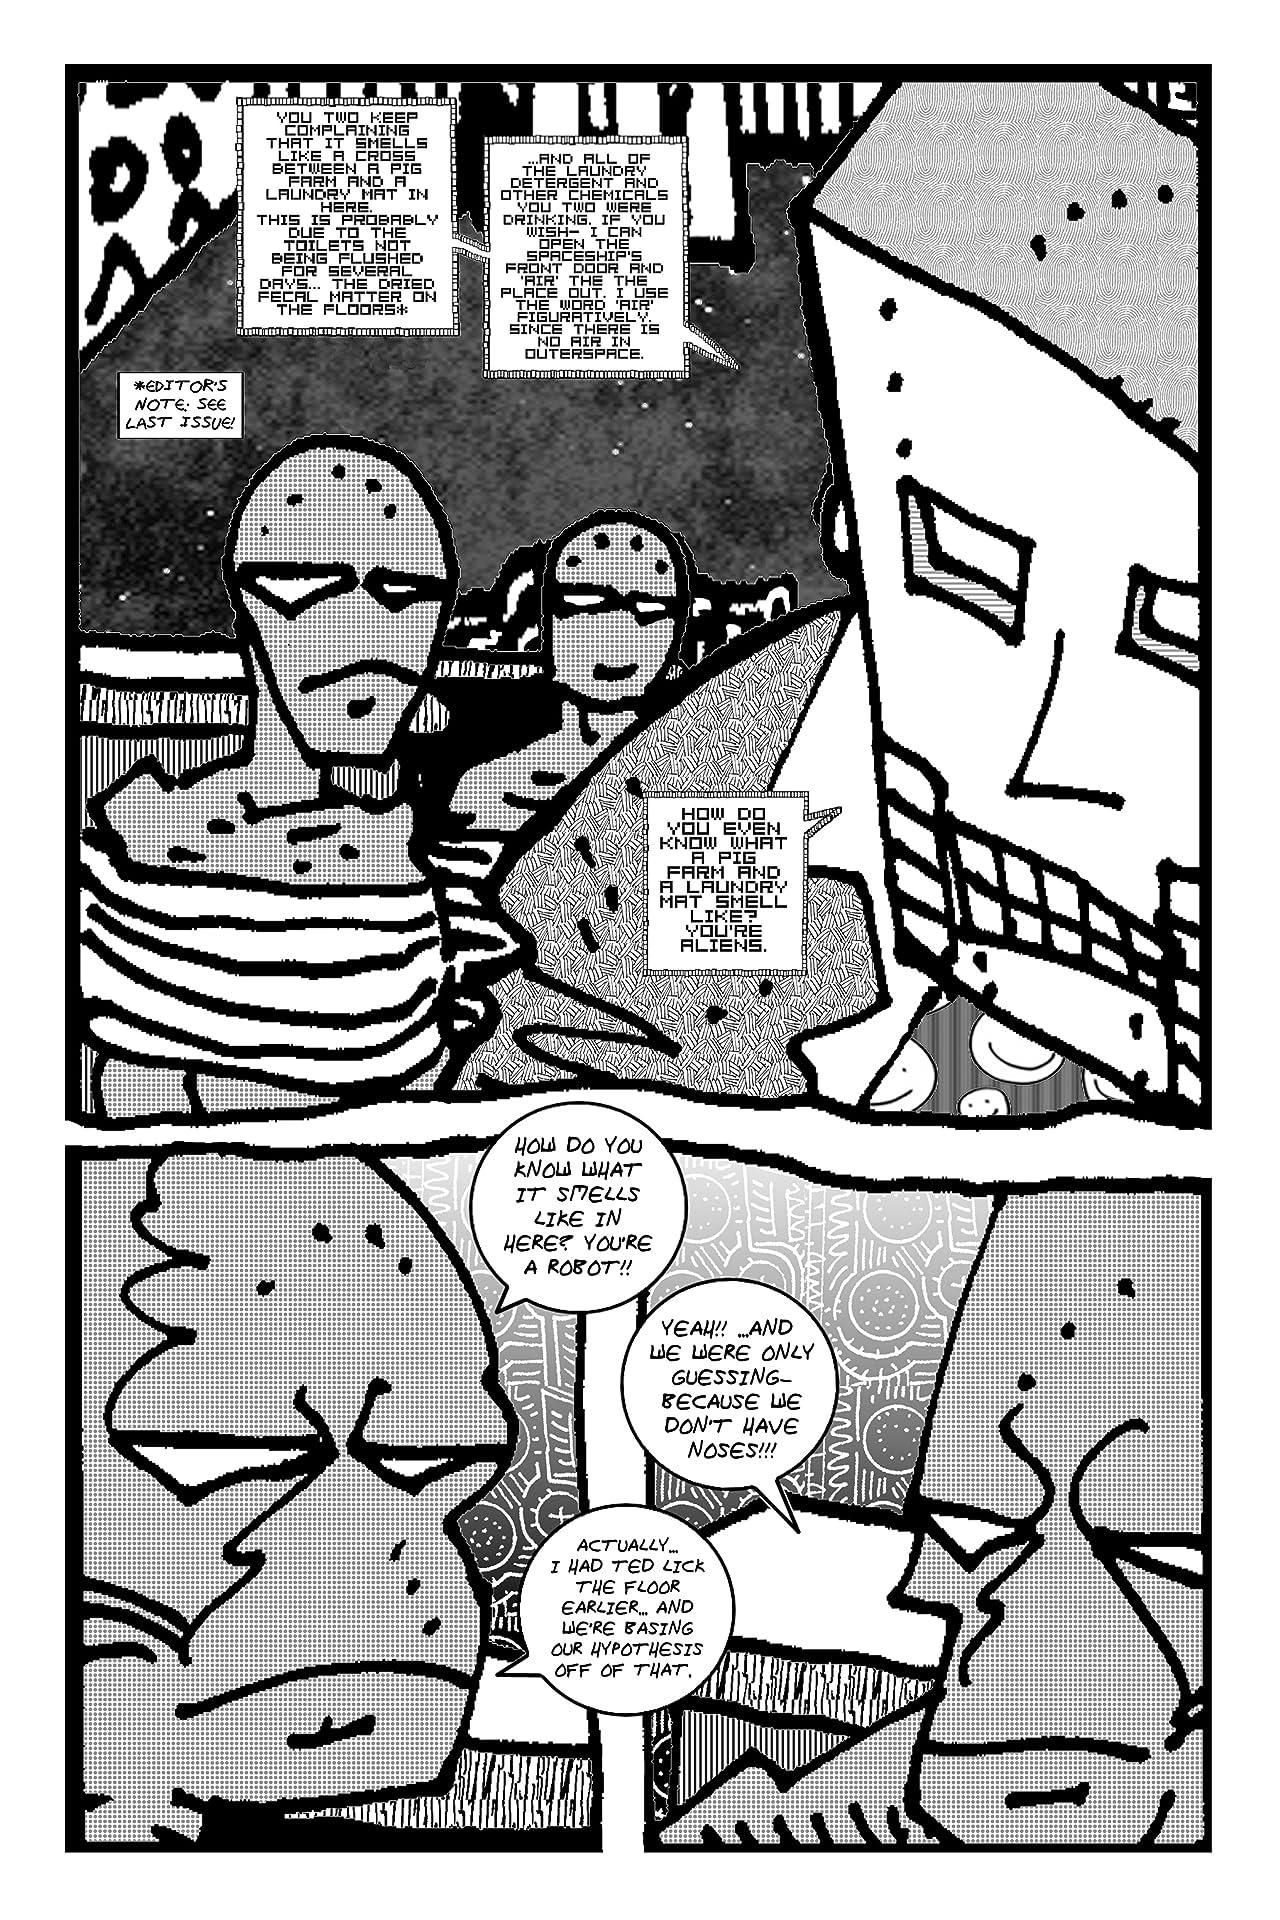 The Disgruntled Avenger #102